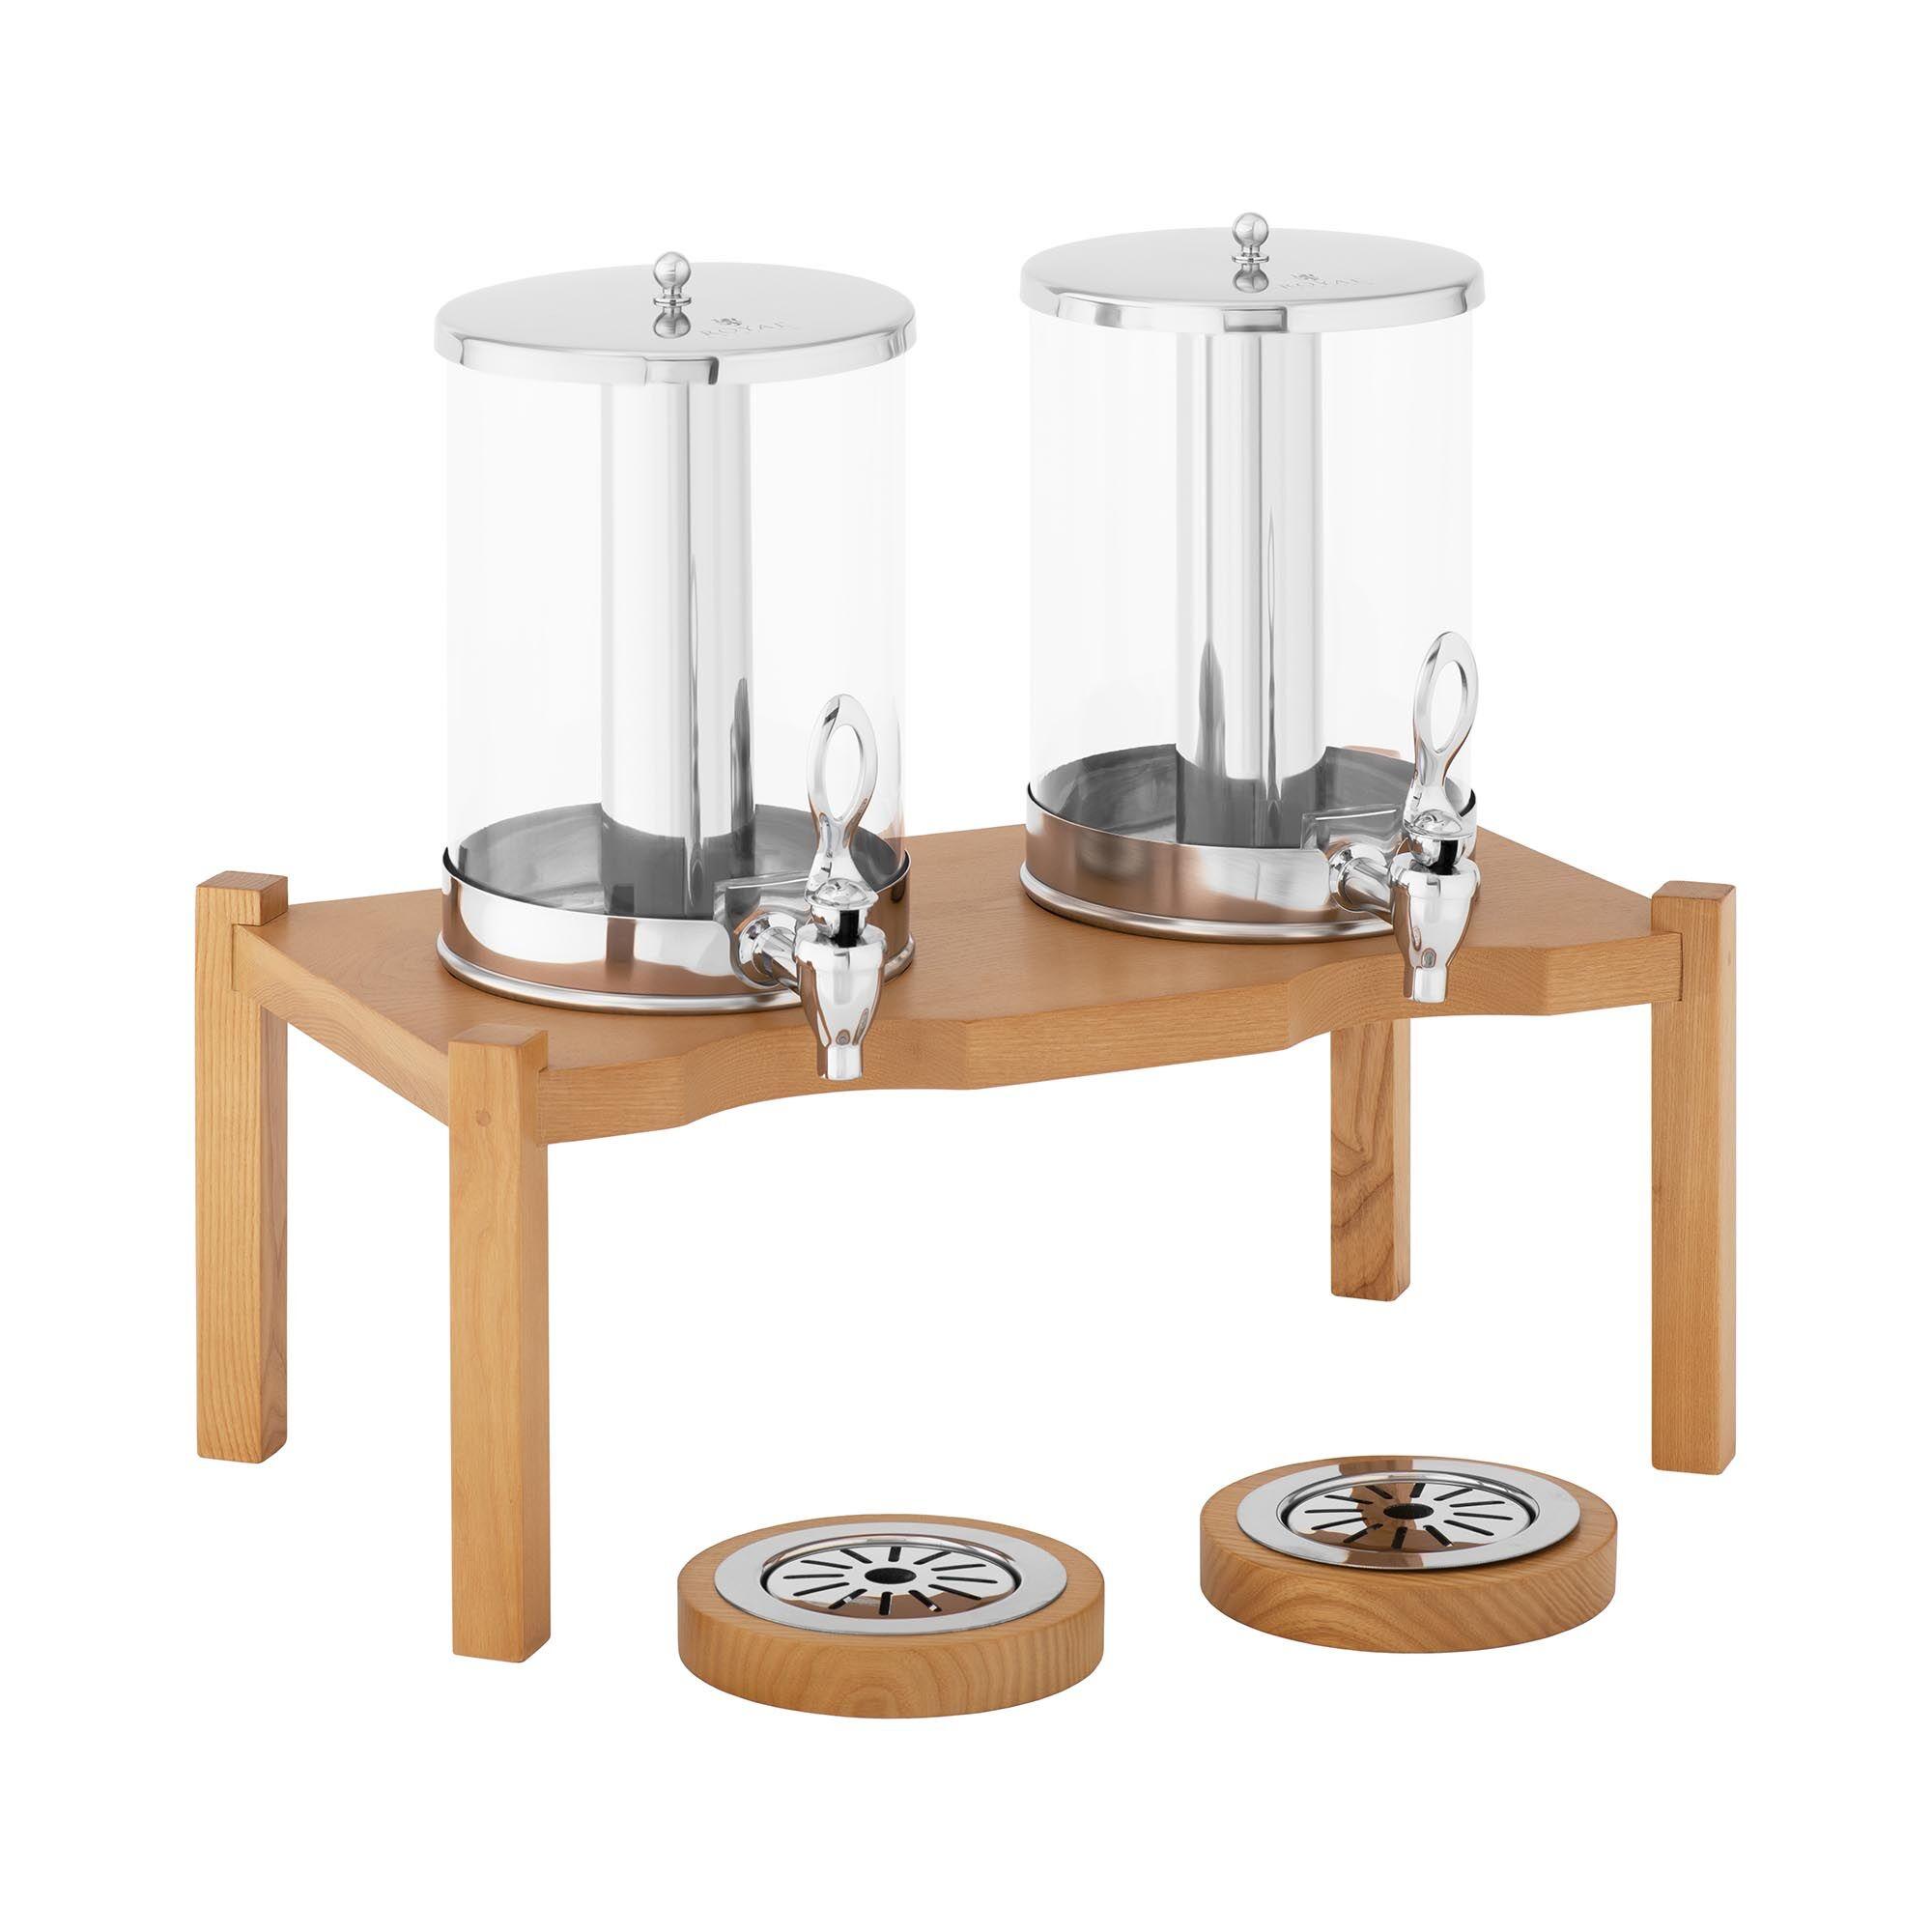 Royal Catering Distributeur de boissons - 2 x 7 l - Dispositifs de refroidissement - Cadre en bois RCSD-2W1